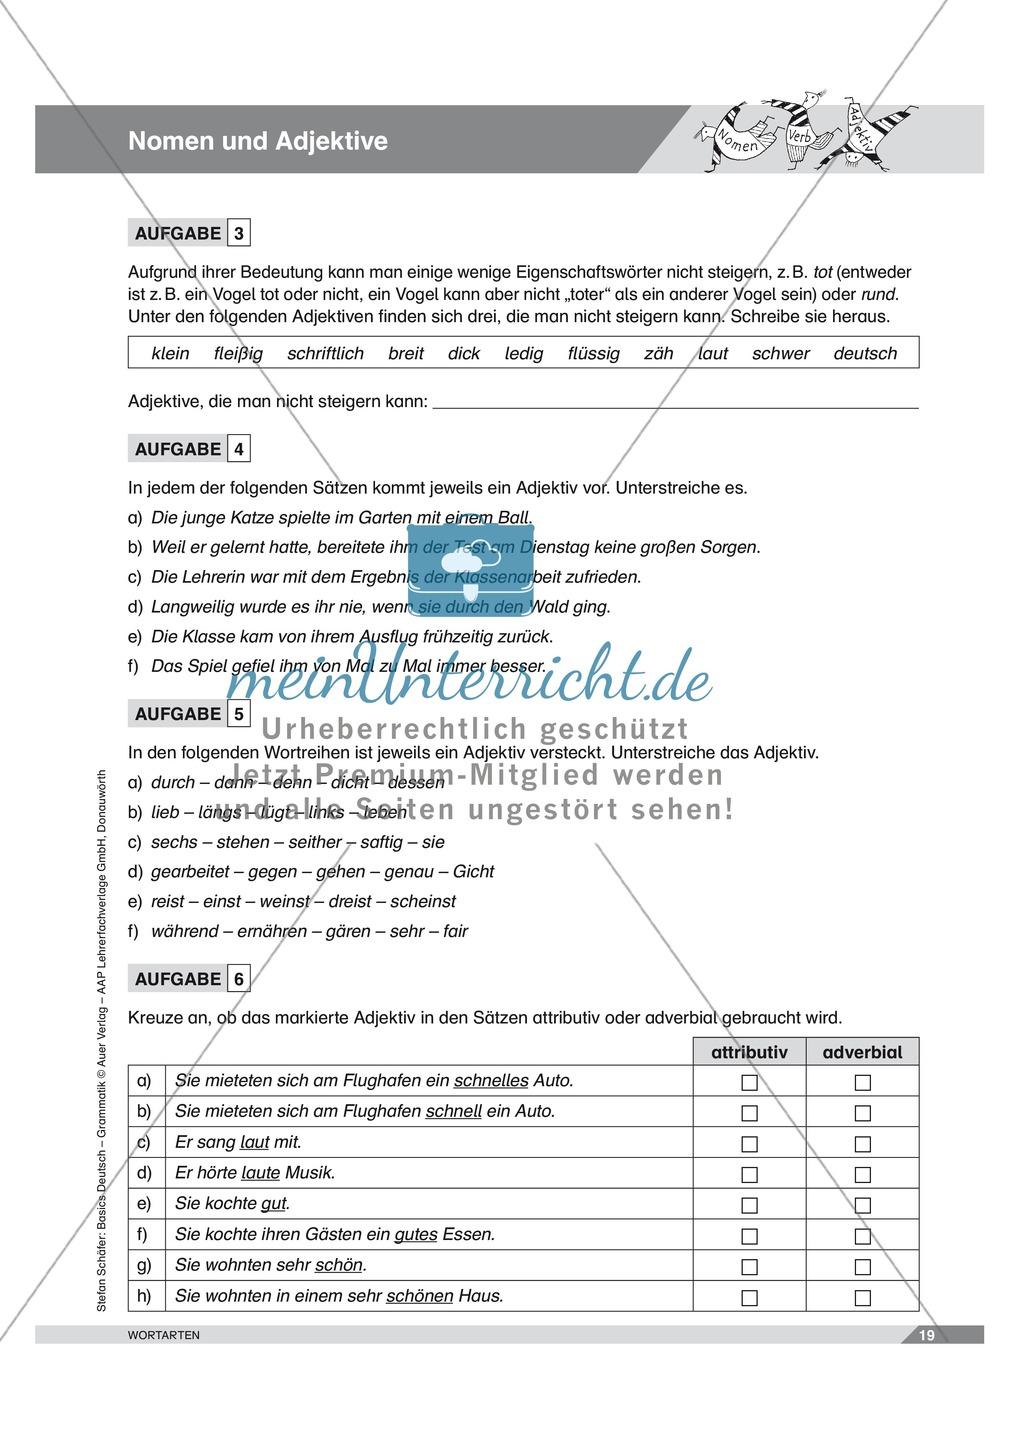 Basics Deutsch Grammatik Wortarten Nomen und Adjektive: Arbeitsblätter und Lösungen Preview 1